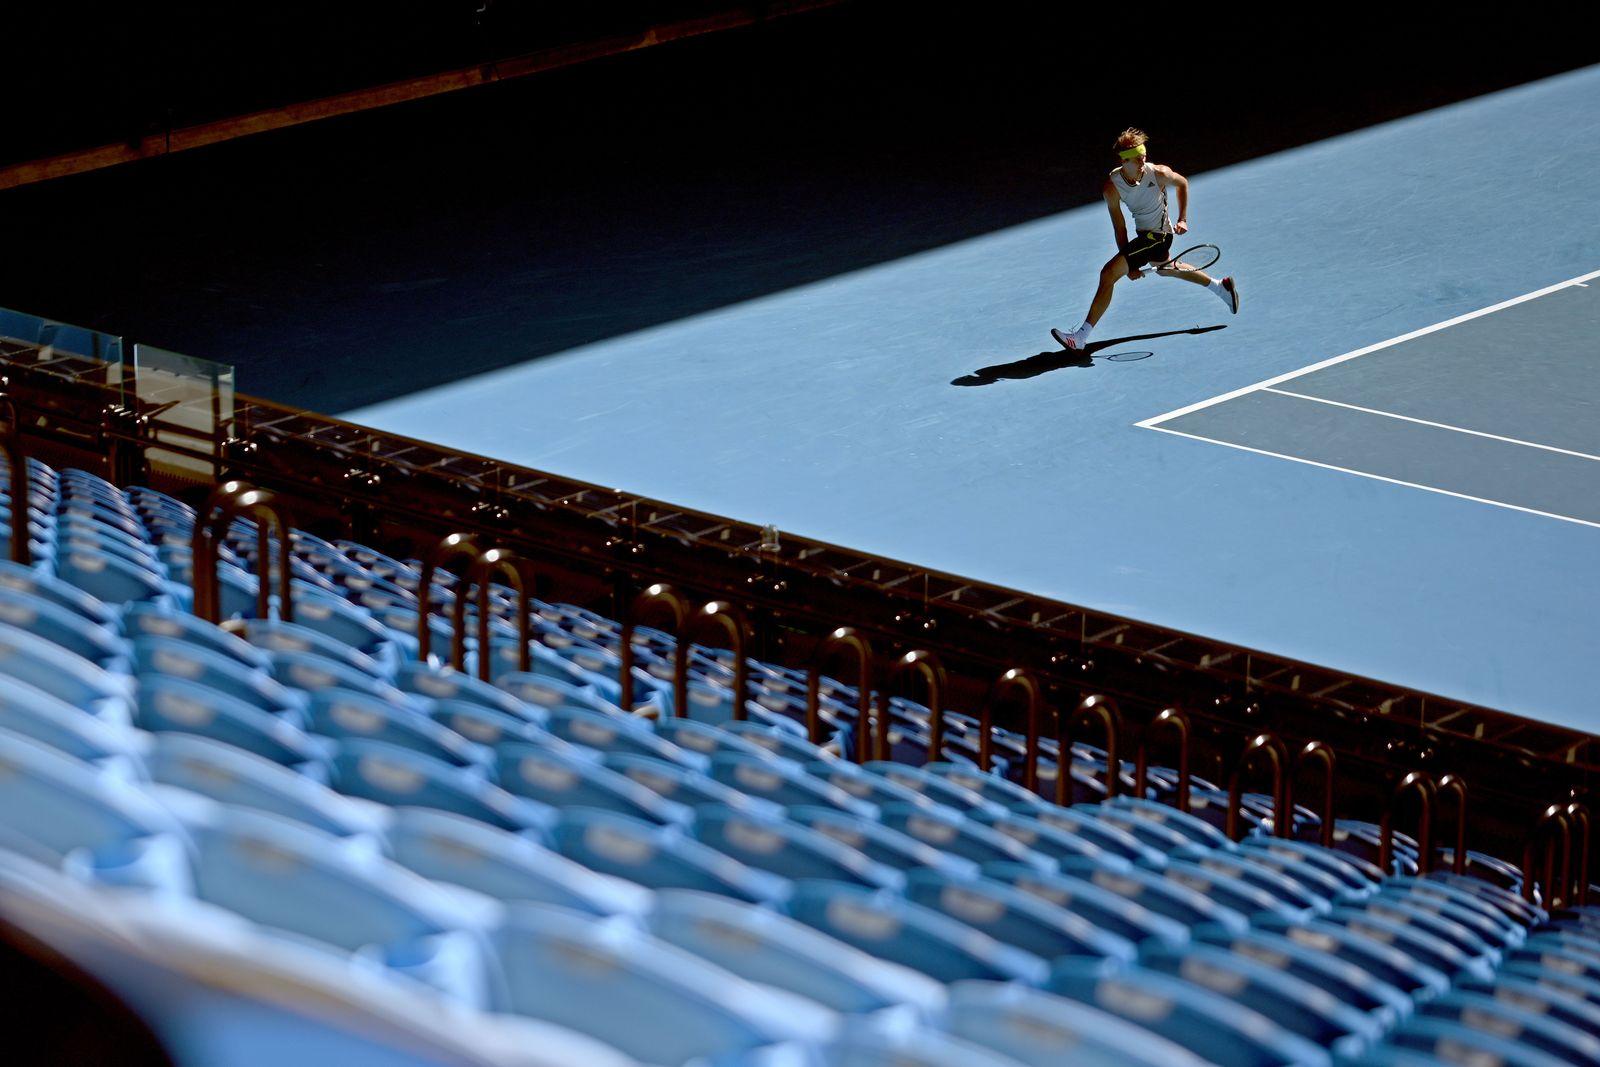 Tennis Australian Open 2021, Melbourne, Australia - 12 Feb 2021